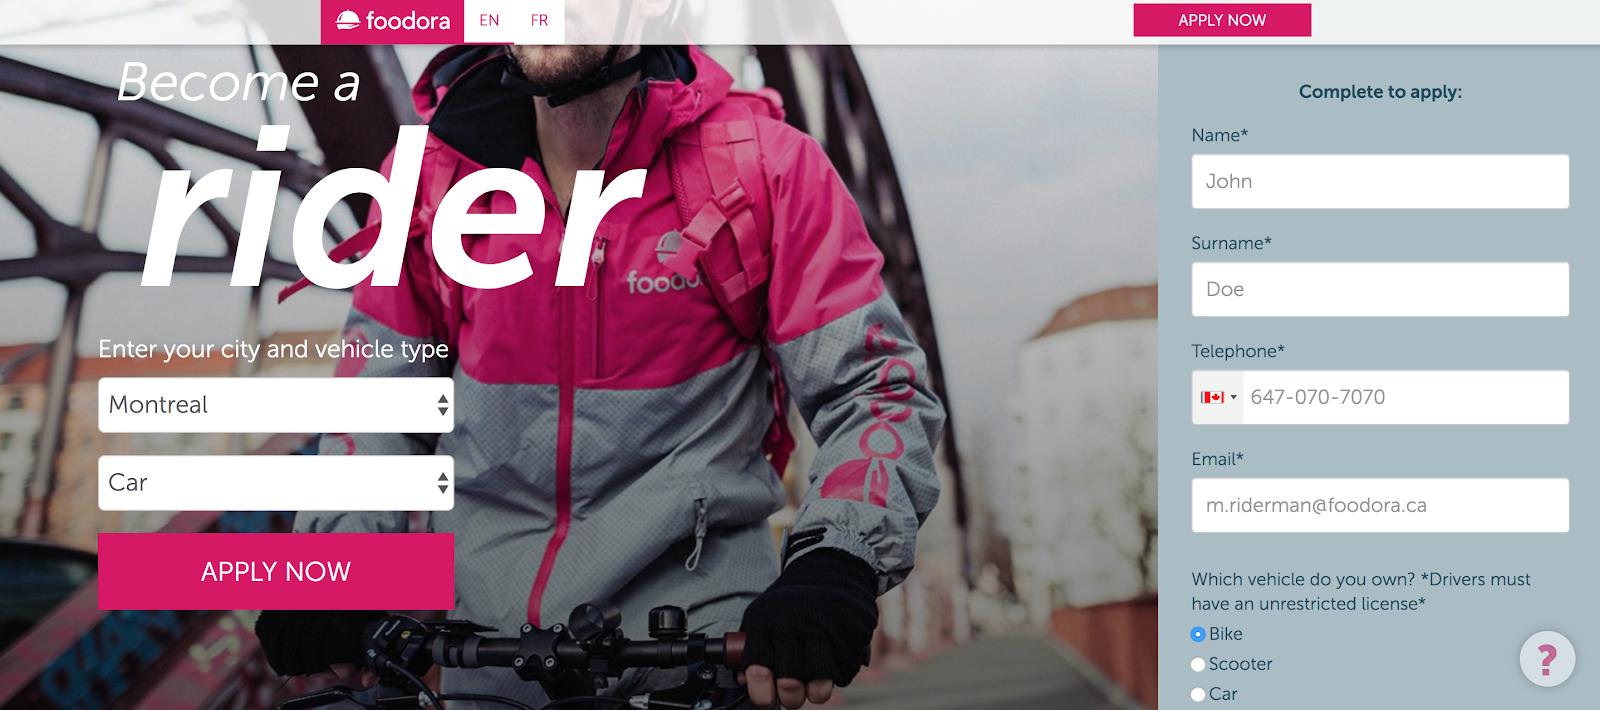 La página de aplicación fácil de Foodora para convertirse en un mensajero